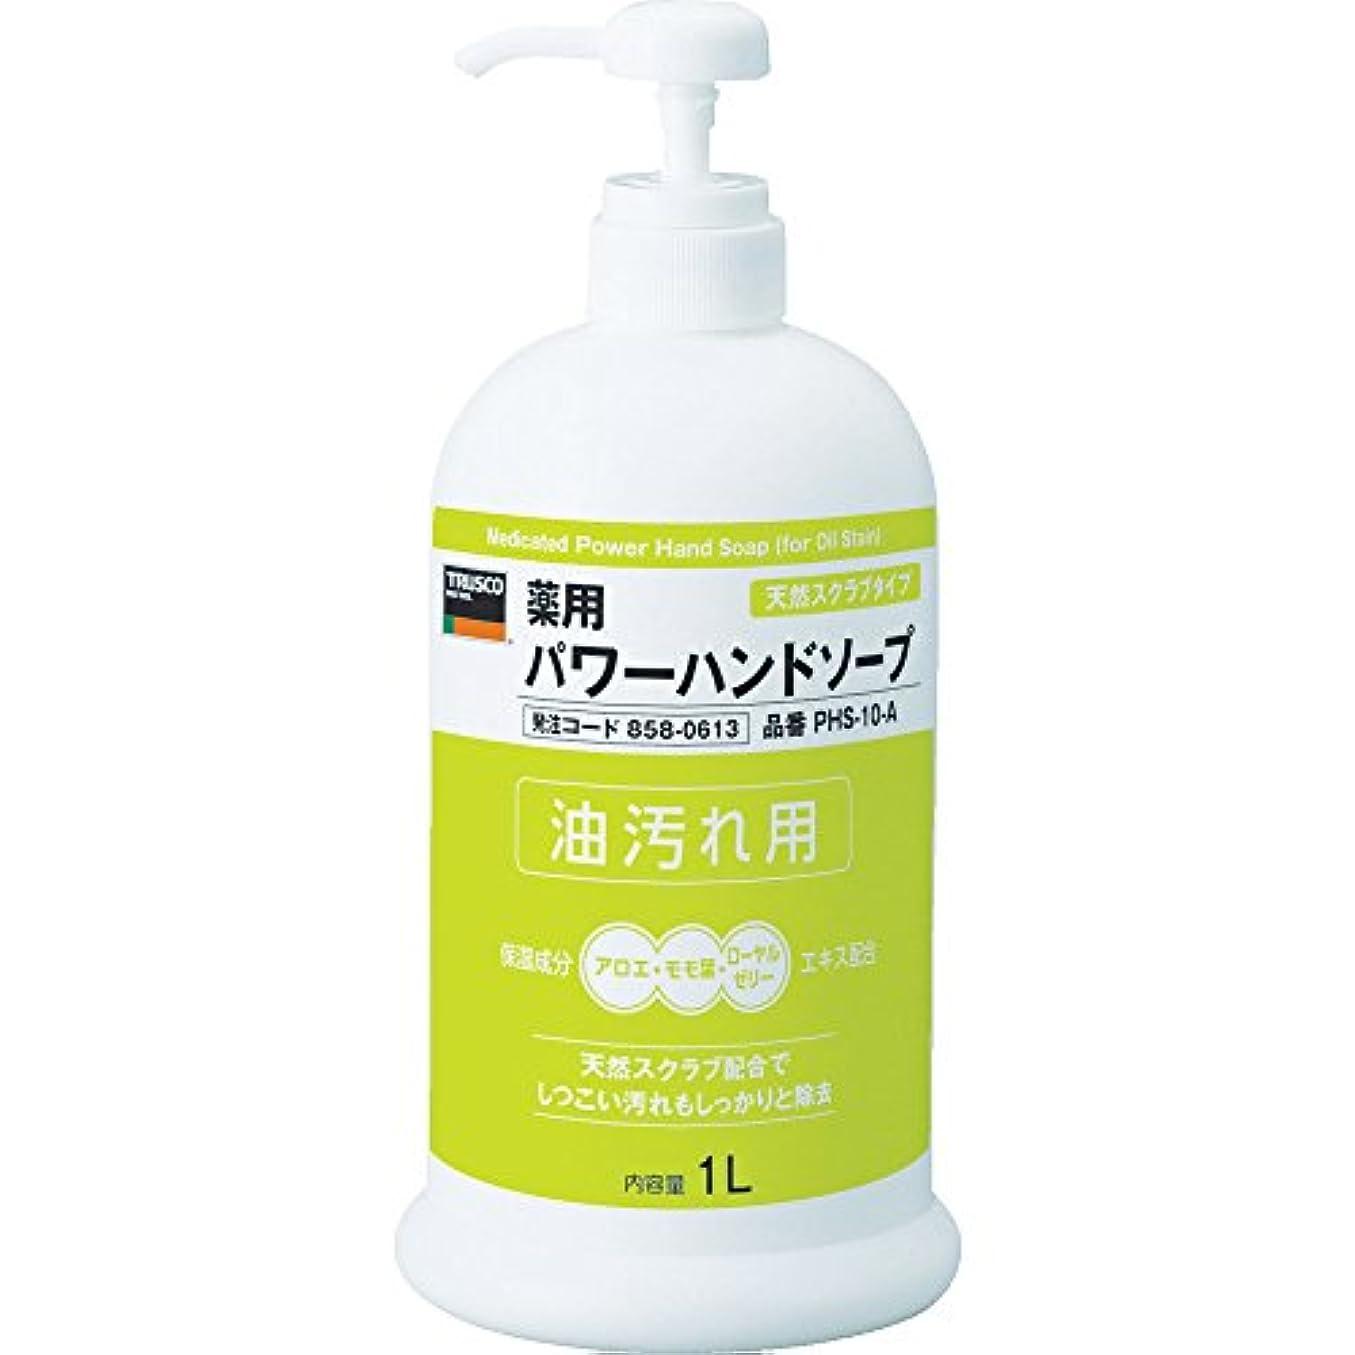 免疫すべきアライメントTRUSCO(トラスコ) 薬用パワーハンドソープ ポンプボトル 1.0L PHS-10-A